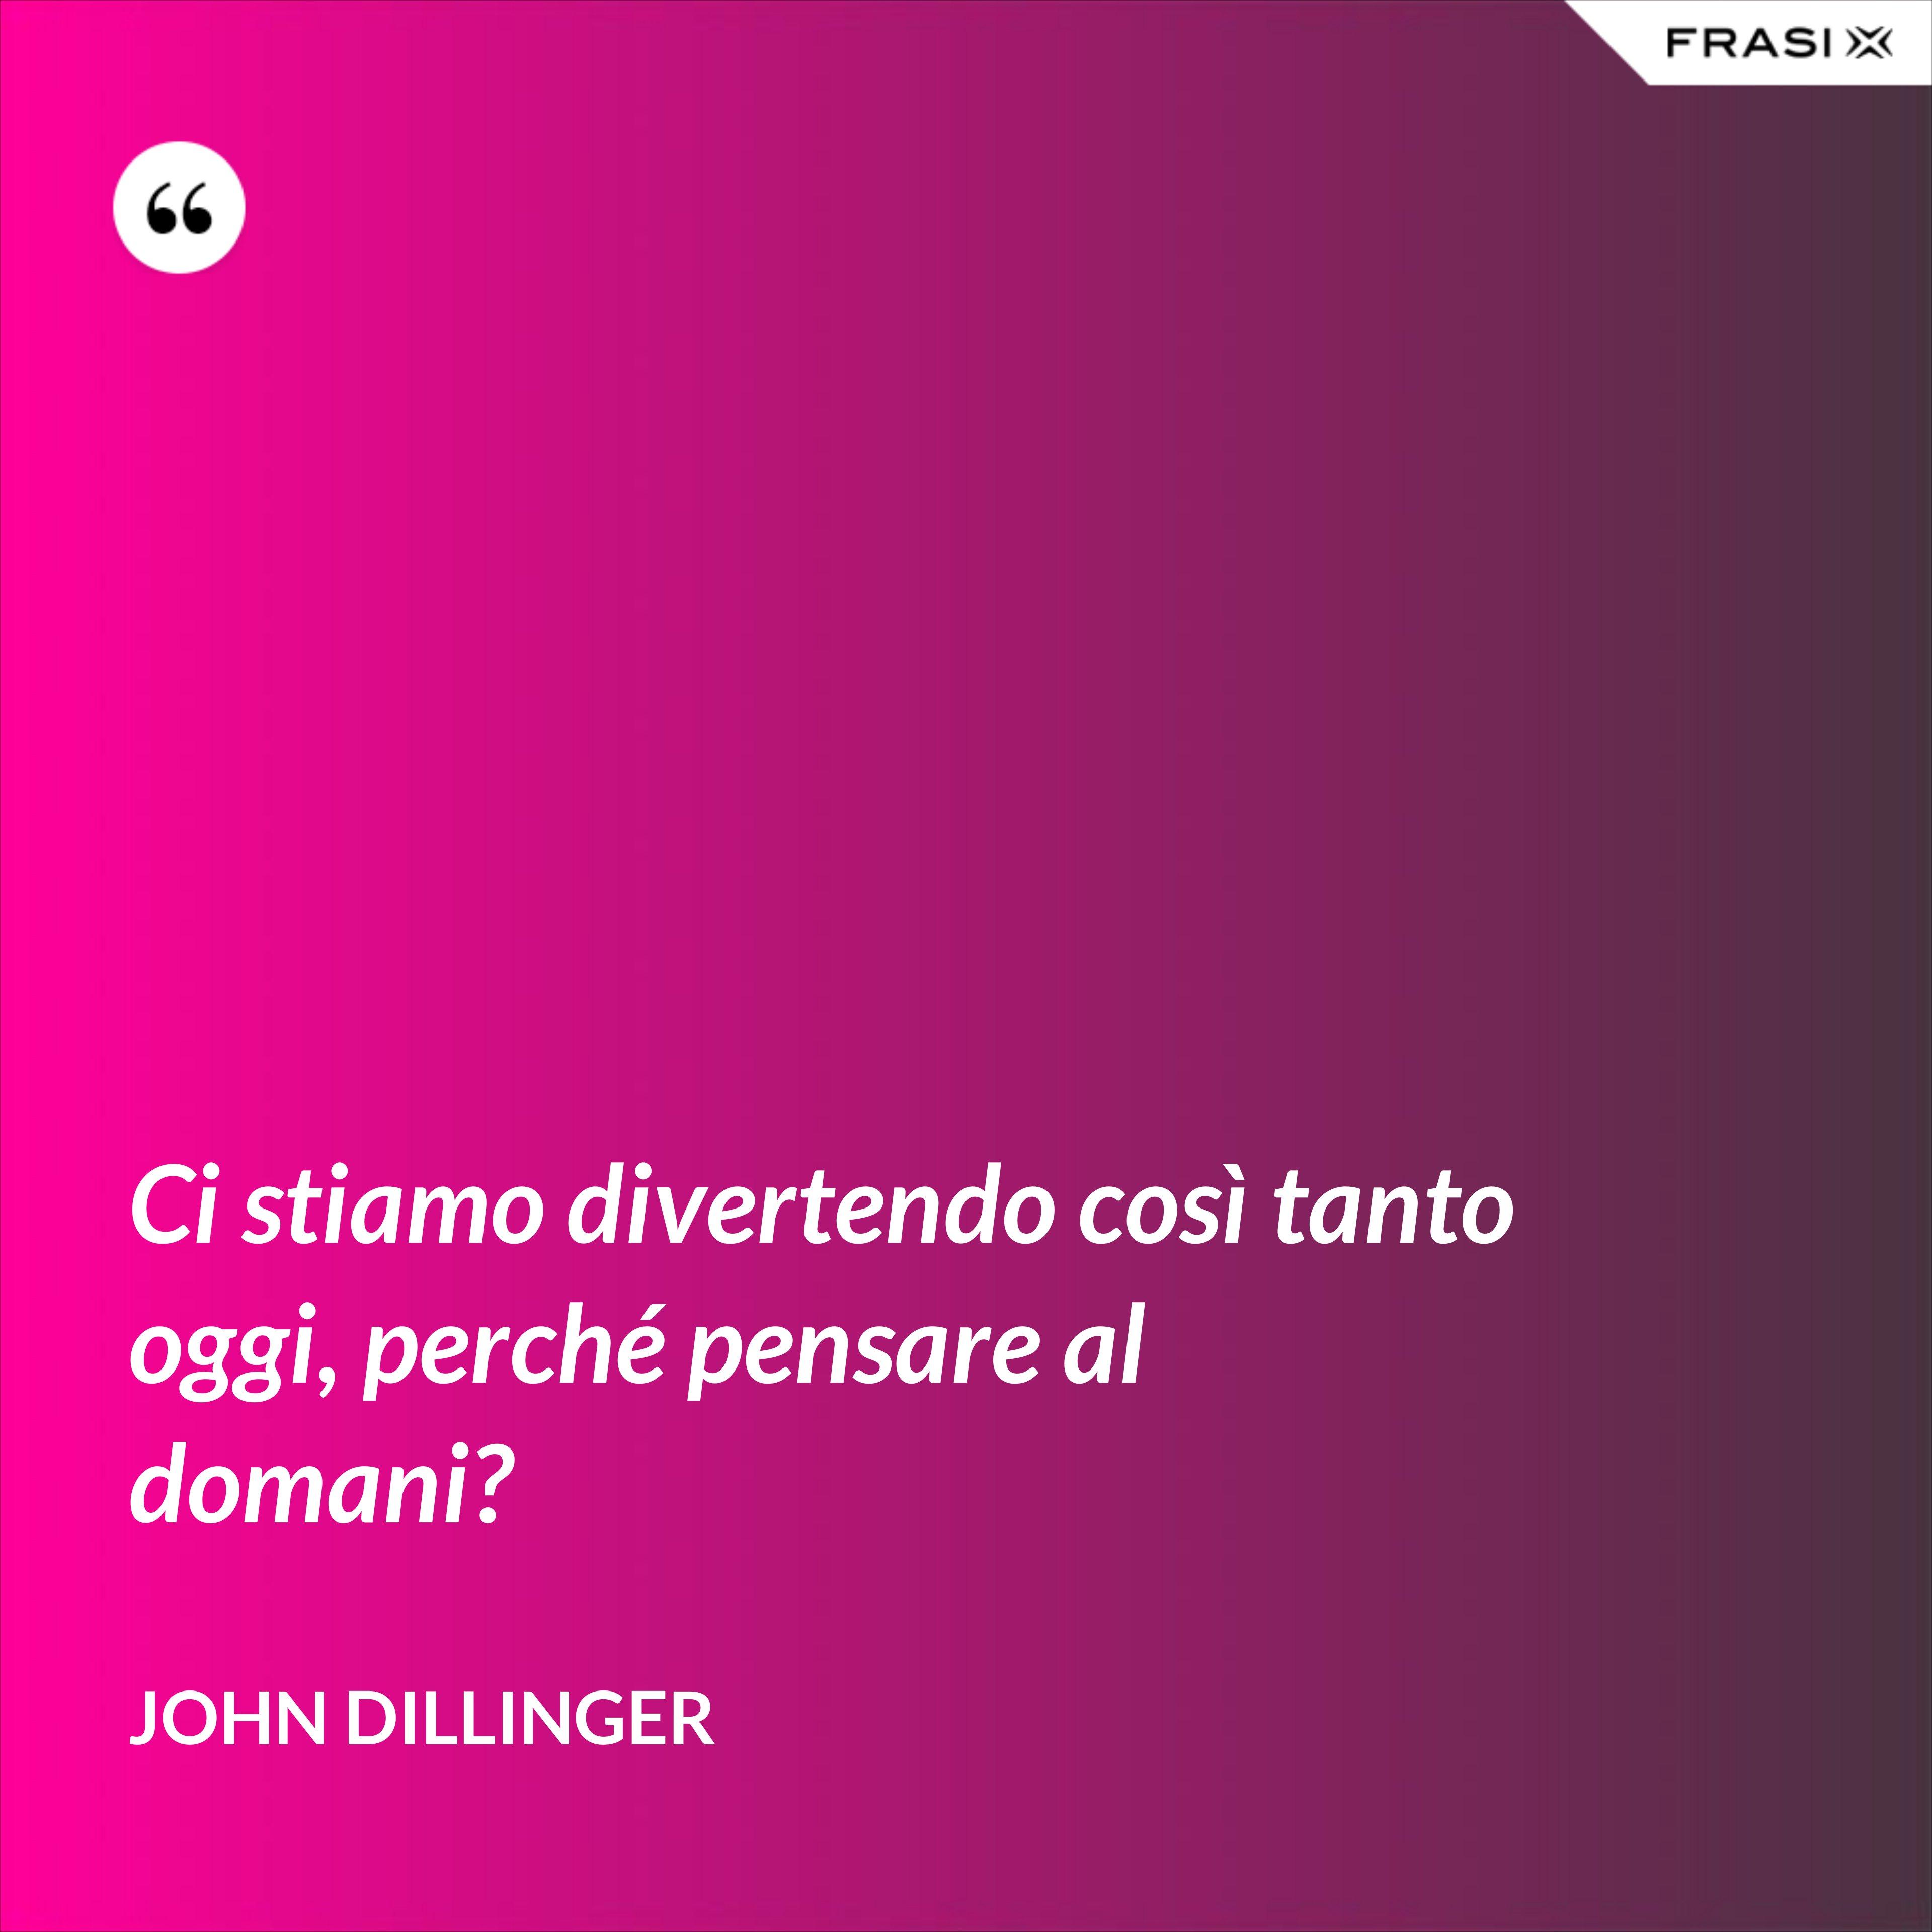 Ci stiamo divertendo così tanto oggi, perché pensare al domani? - John Dillinger